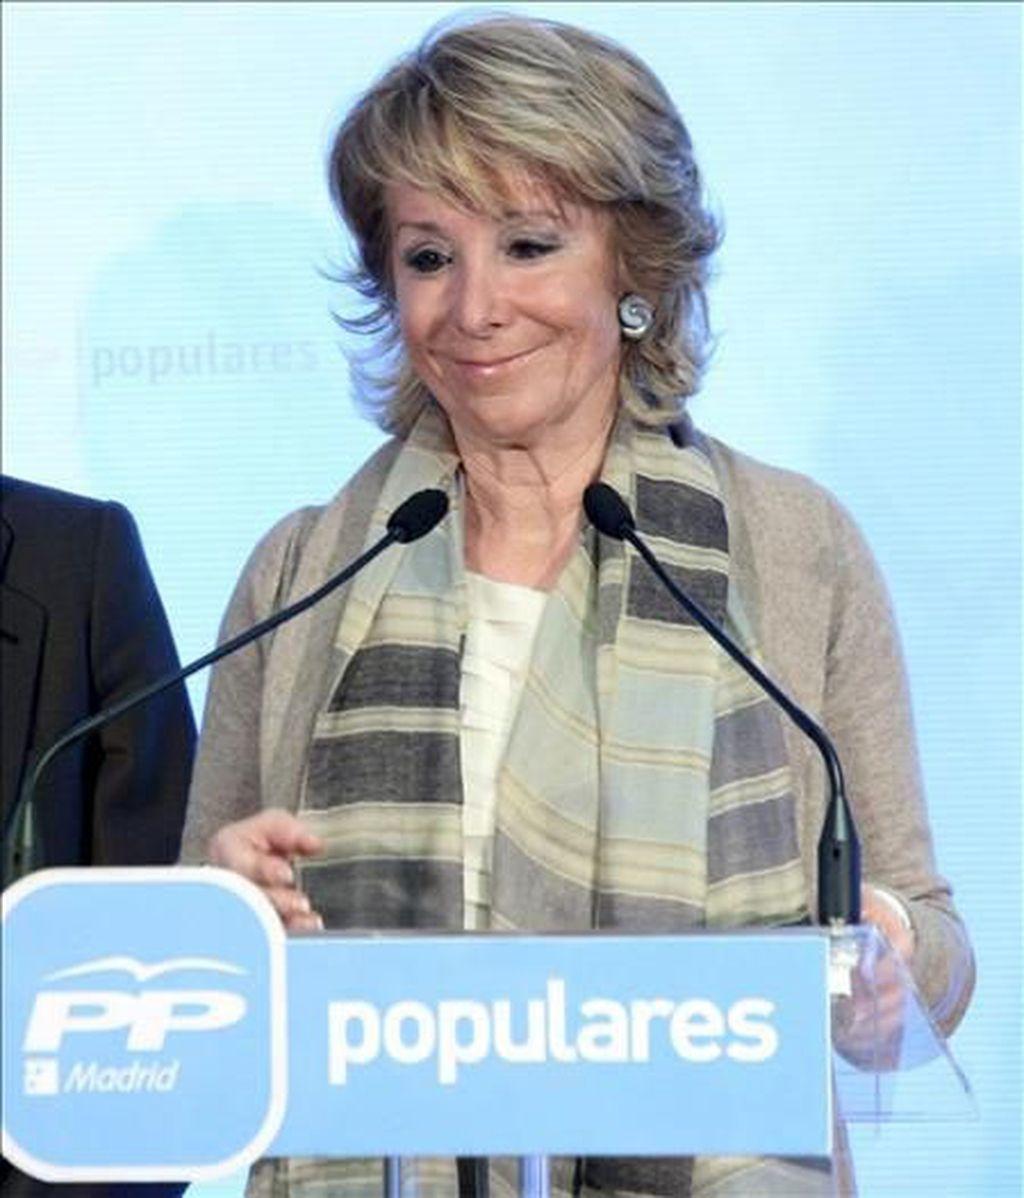 Imagen de archivo de la presidenta de la Comunidad de Madrid, Esperanza Aguirre